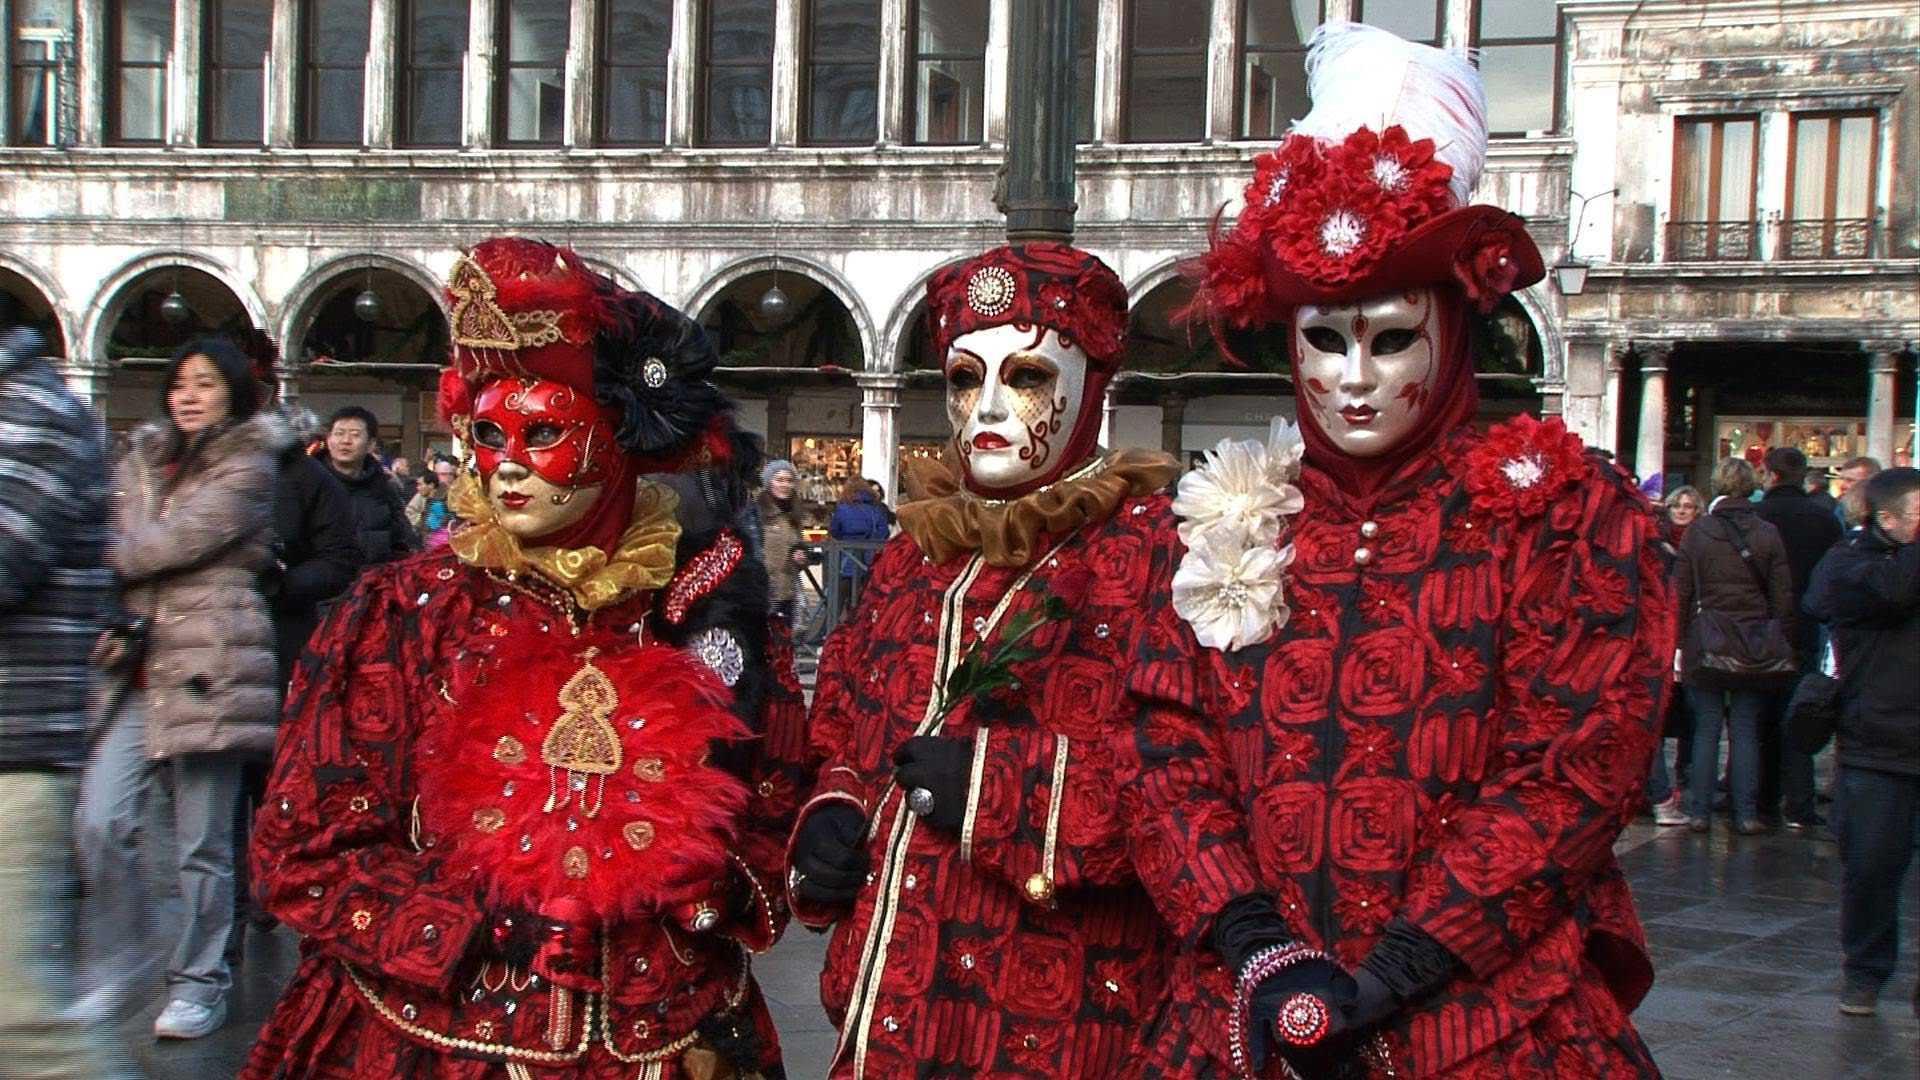 ヴェネツィアのカーニバルの関連画像1